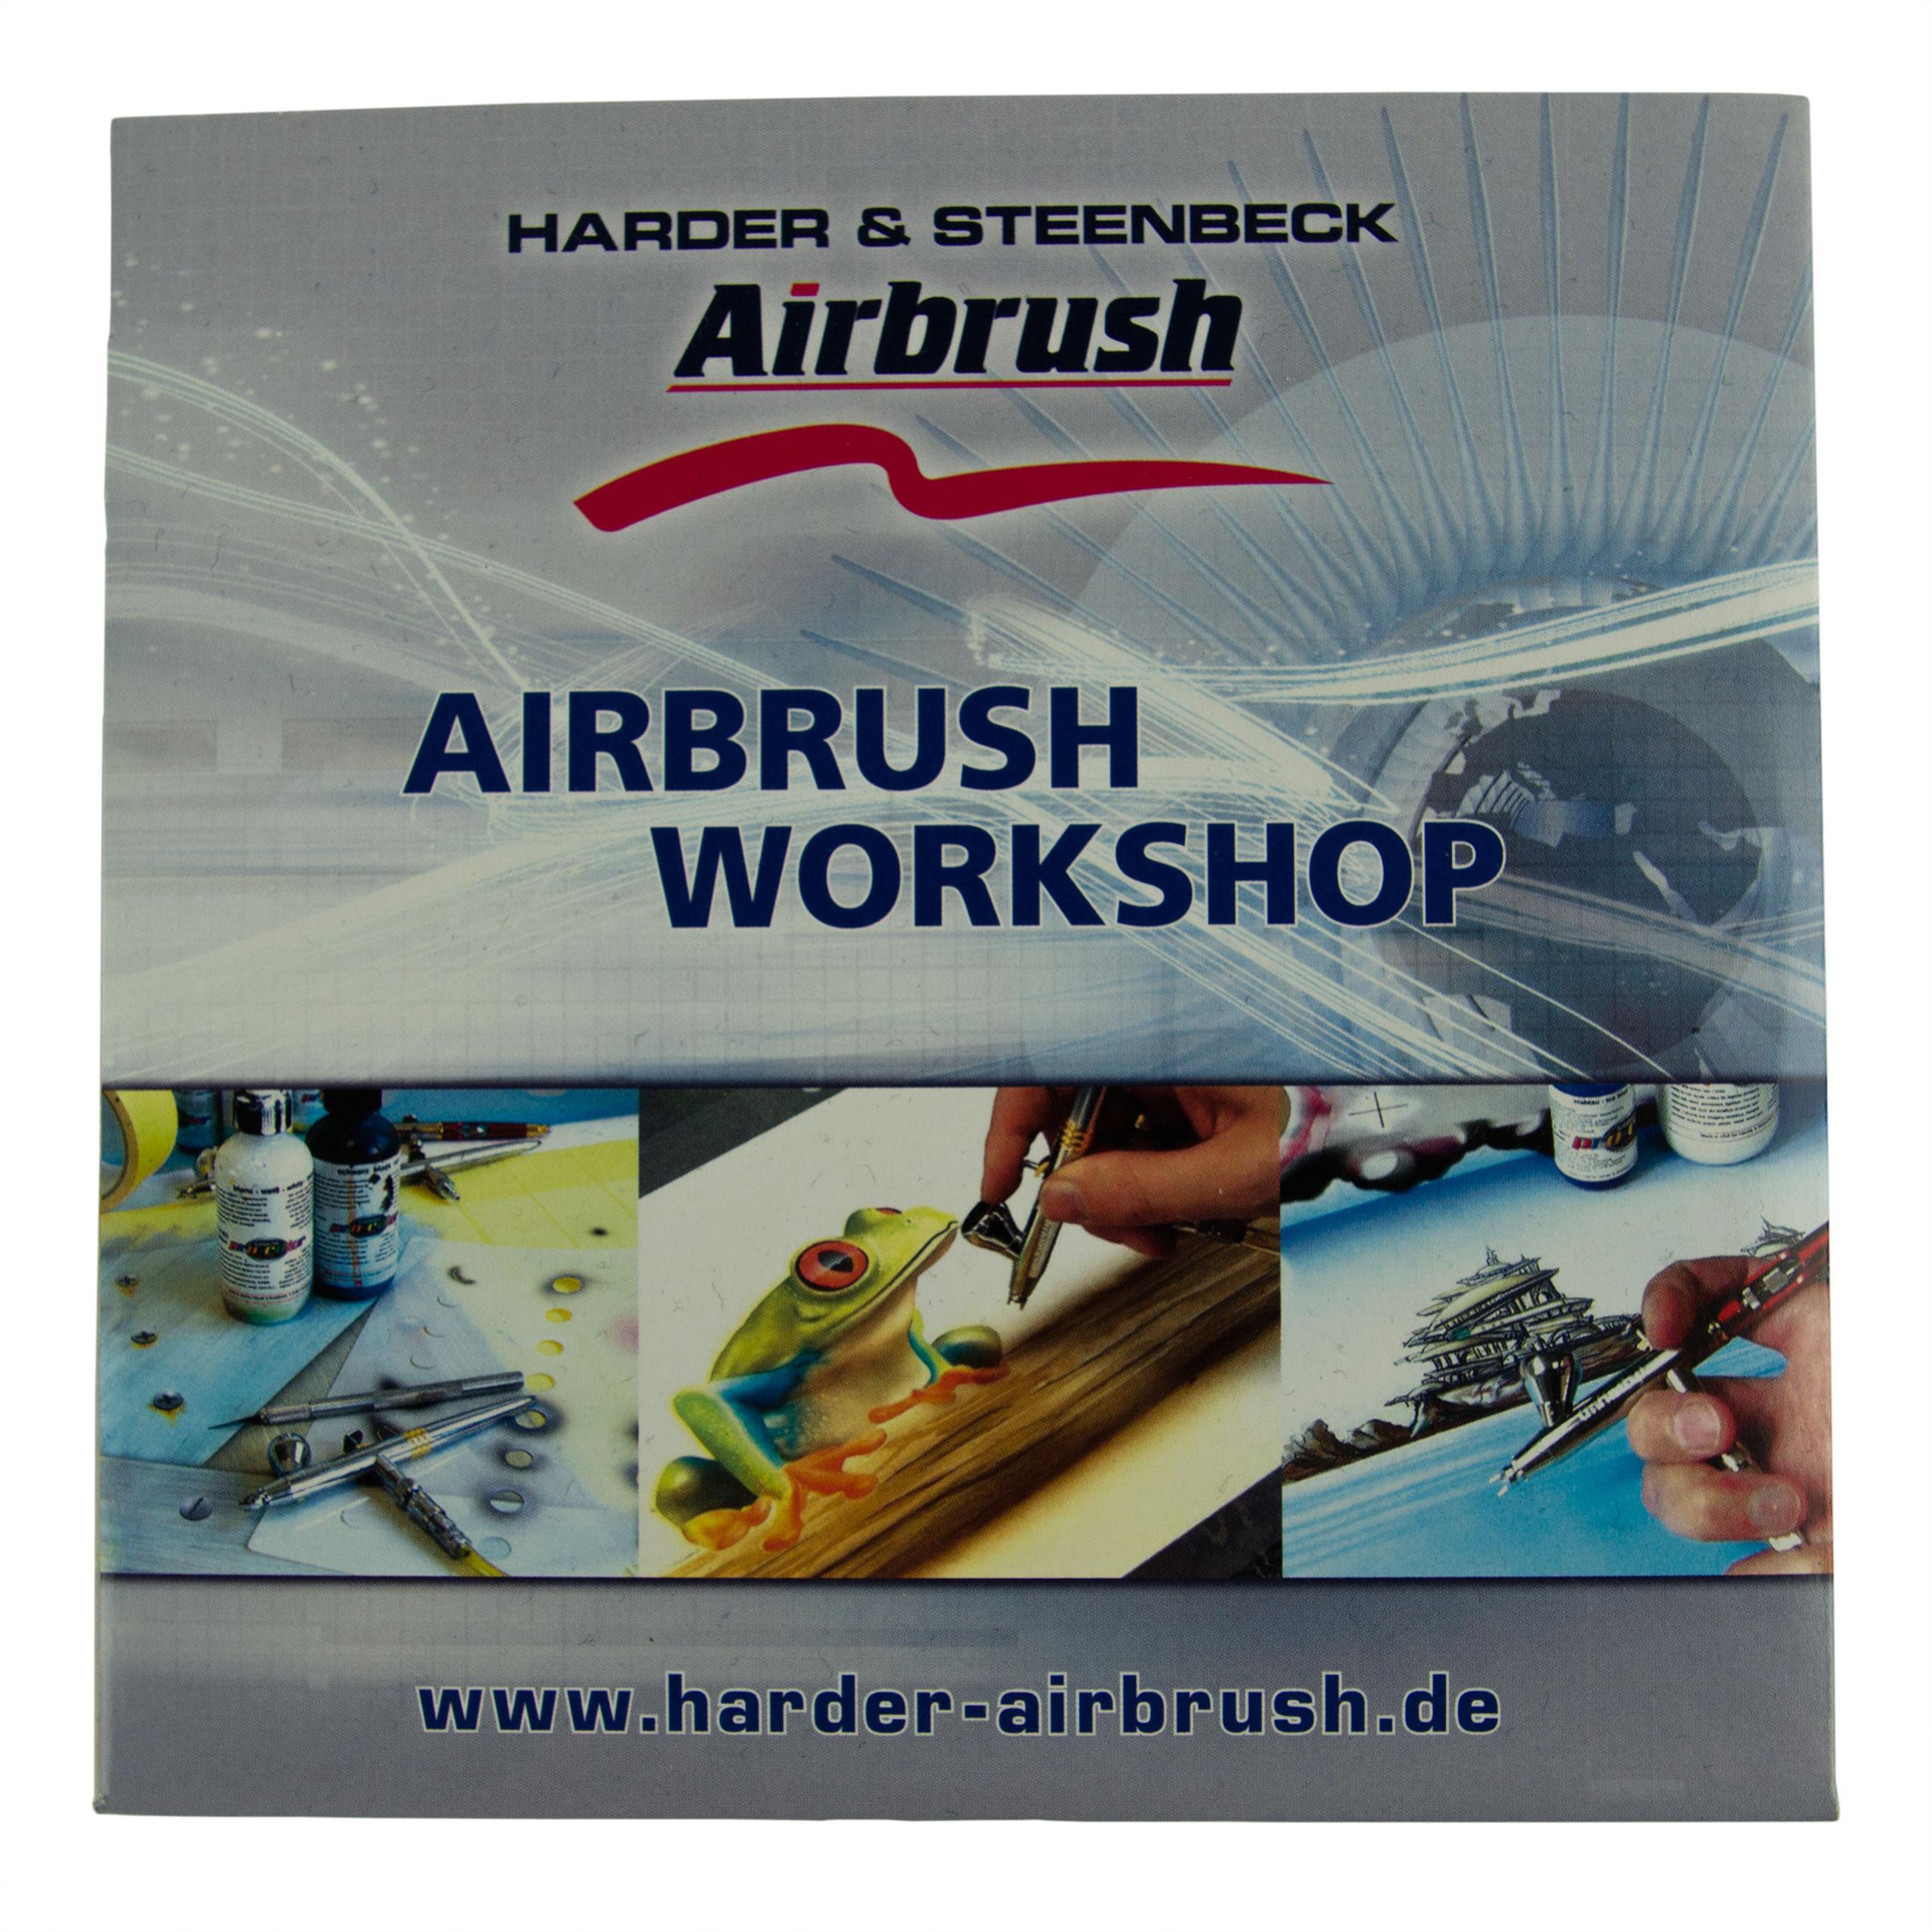 DVD Airbrush Workshop - Harder & Steenbeck